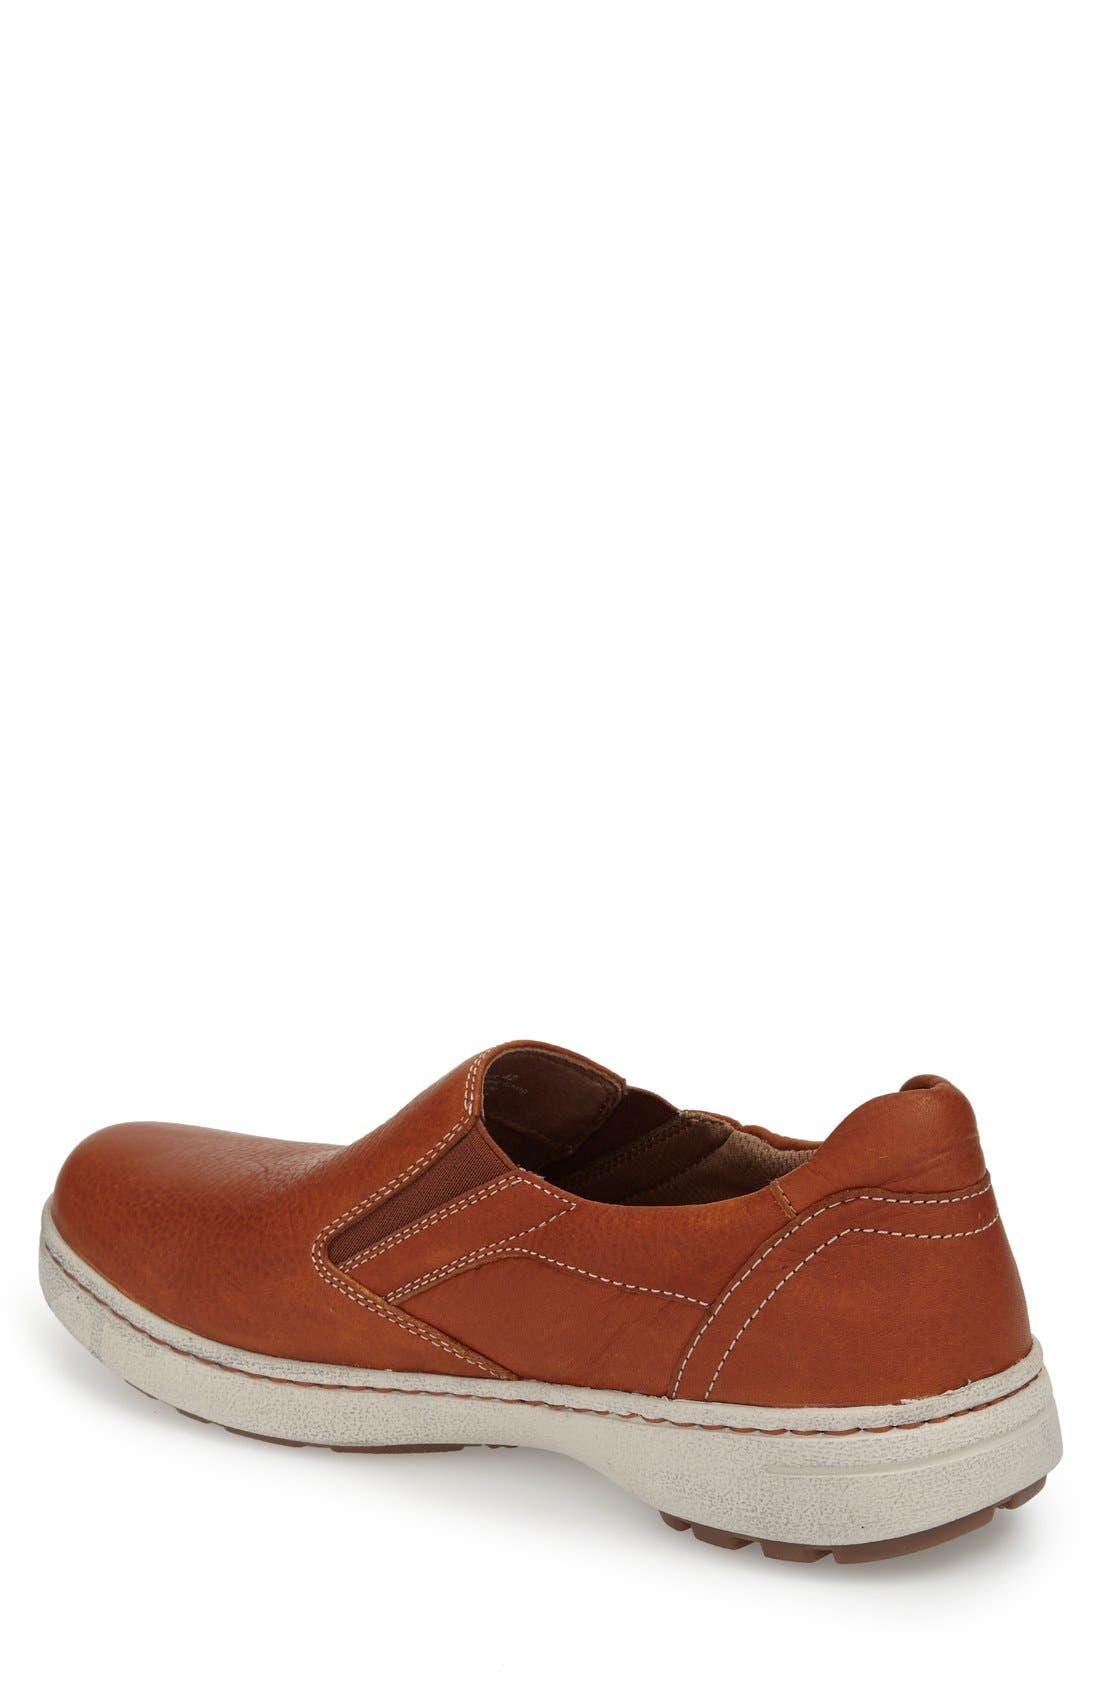 Alternate Image 2  - Dansko 'Viktor' Water Resistant Slip-On Sneaker (Men)